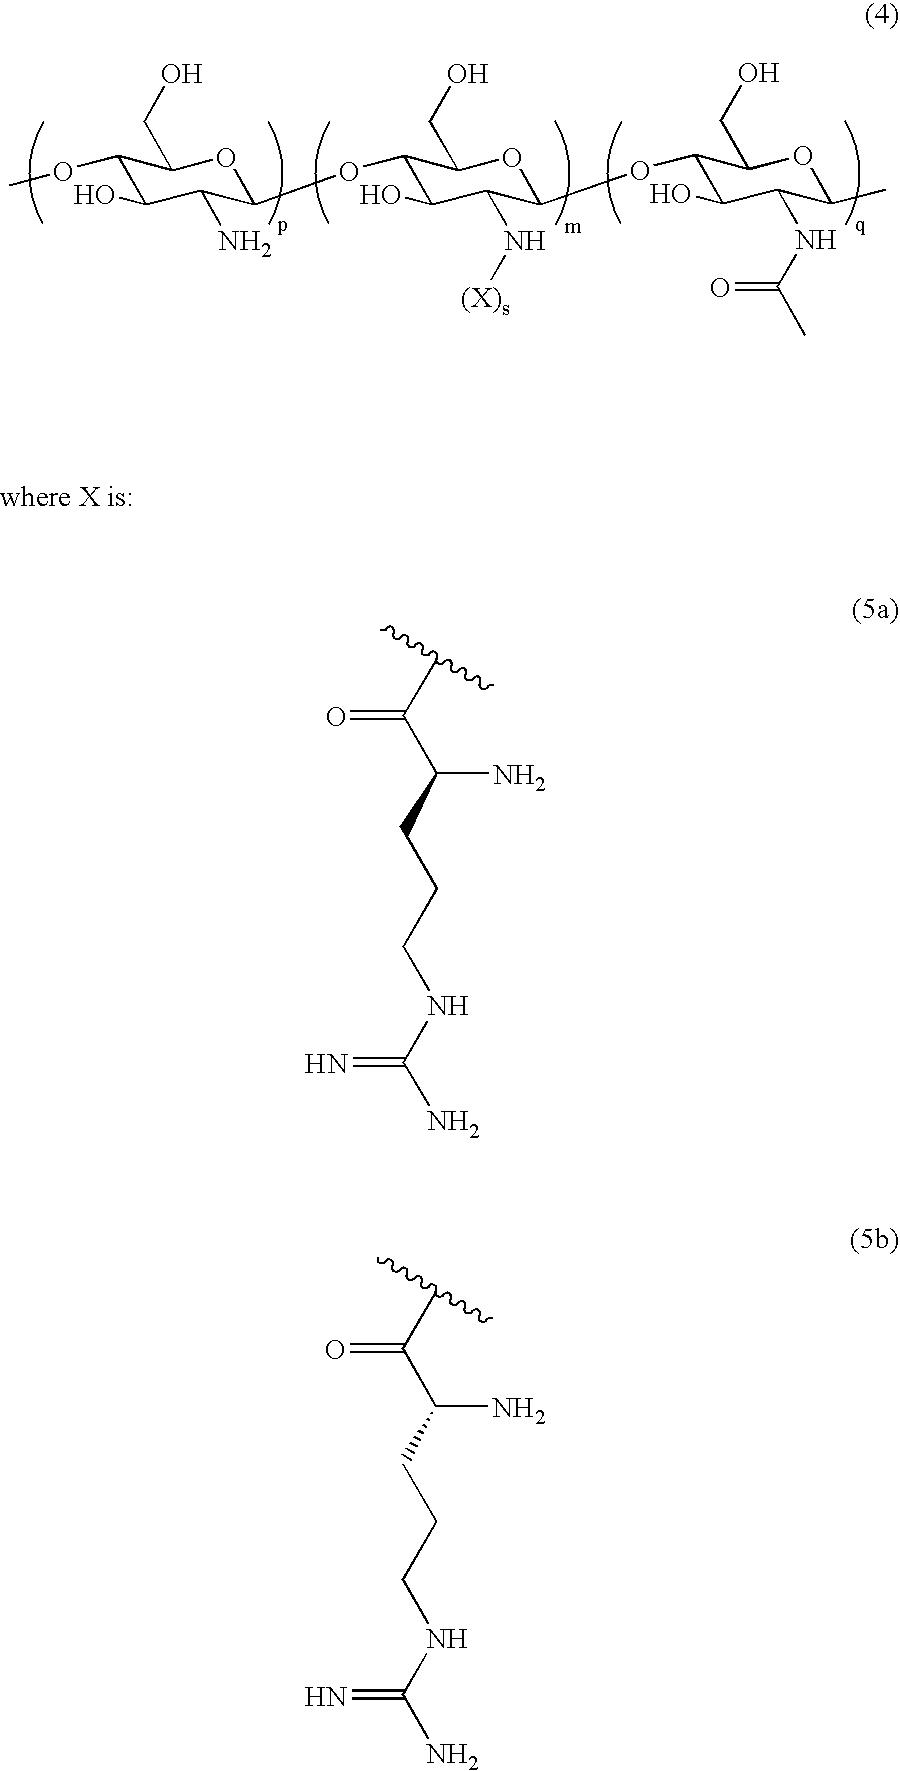 Figure US20070281904A1-20071206-C00003